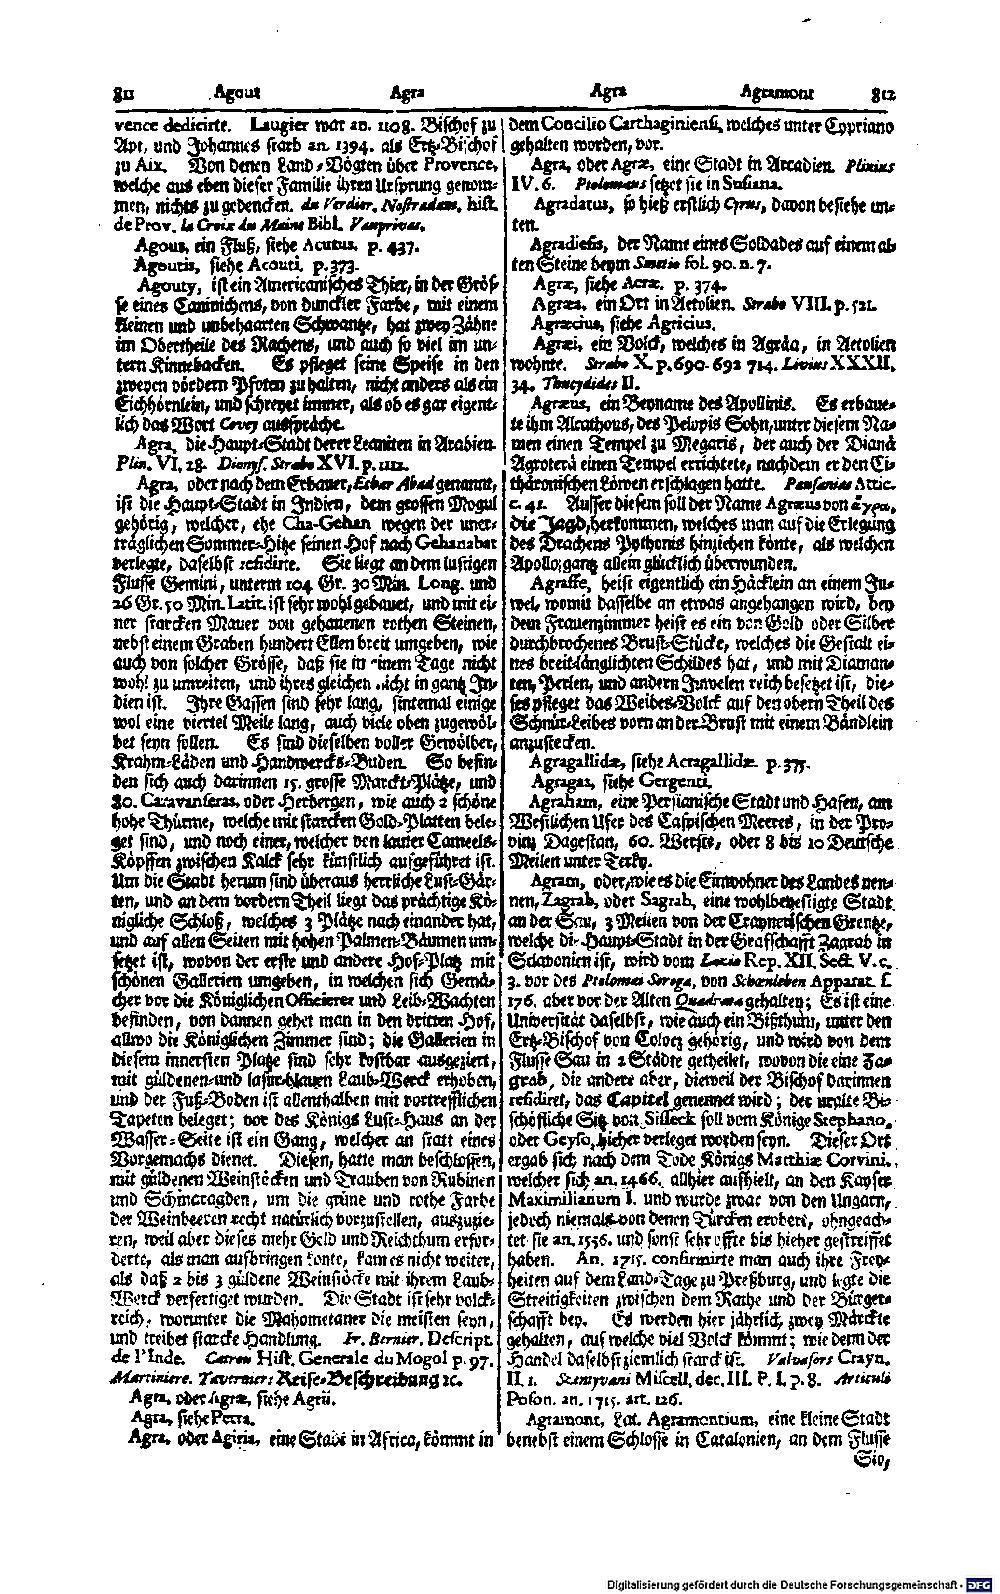 Bd. 01, Seite 0445.